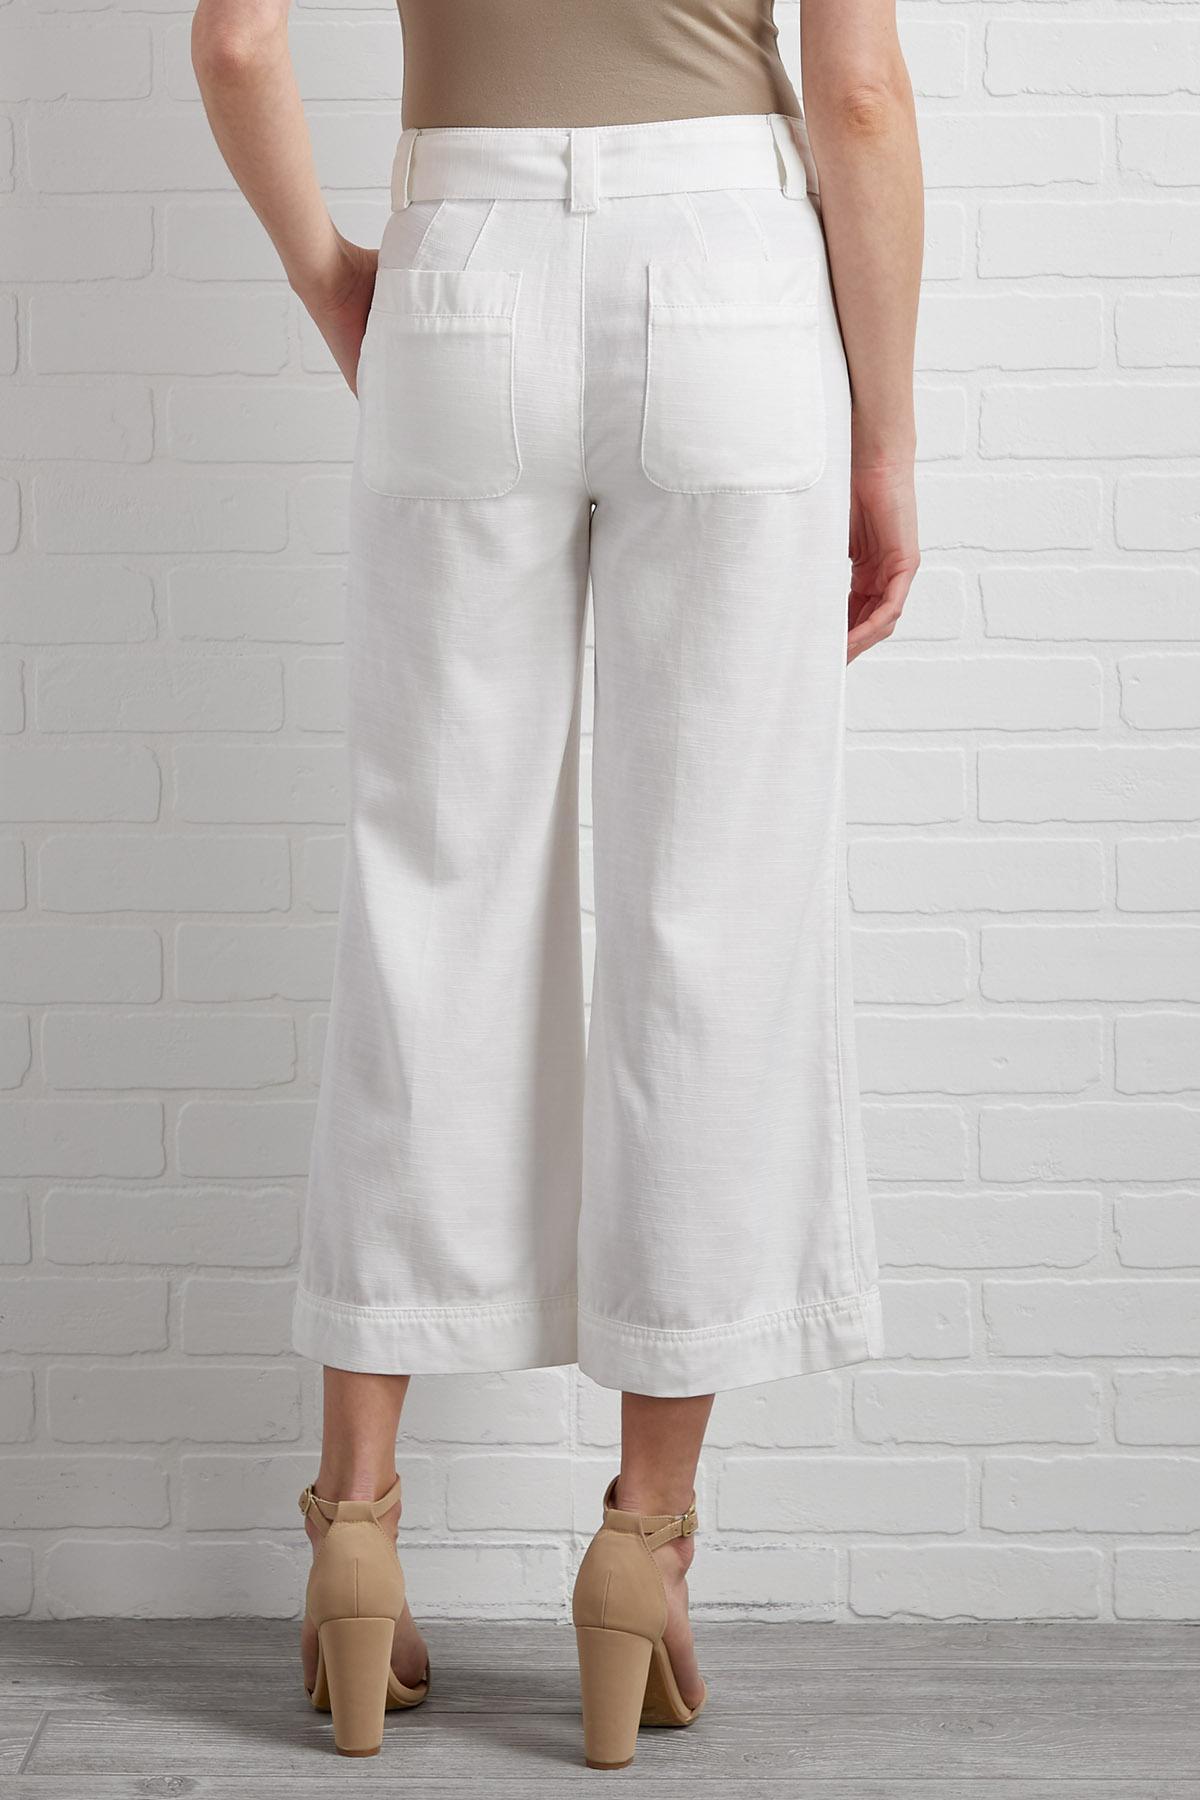 Carolina Sands Pants